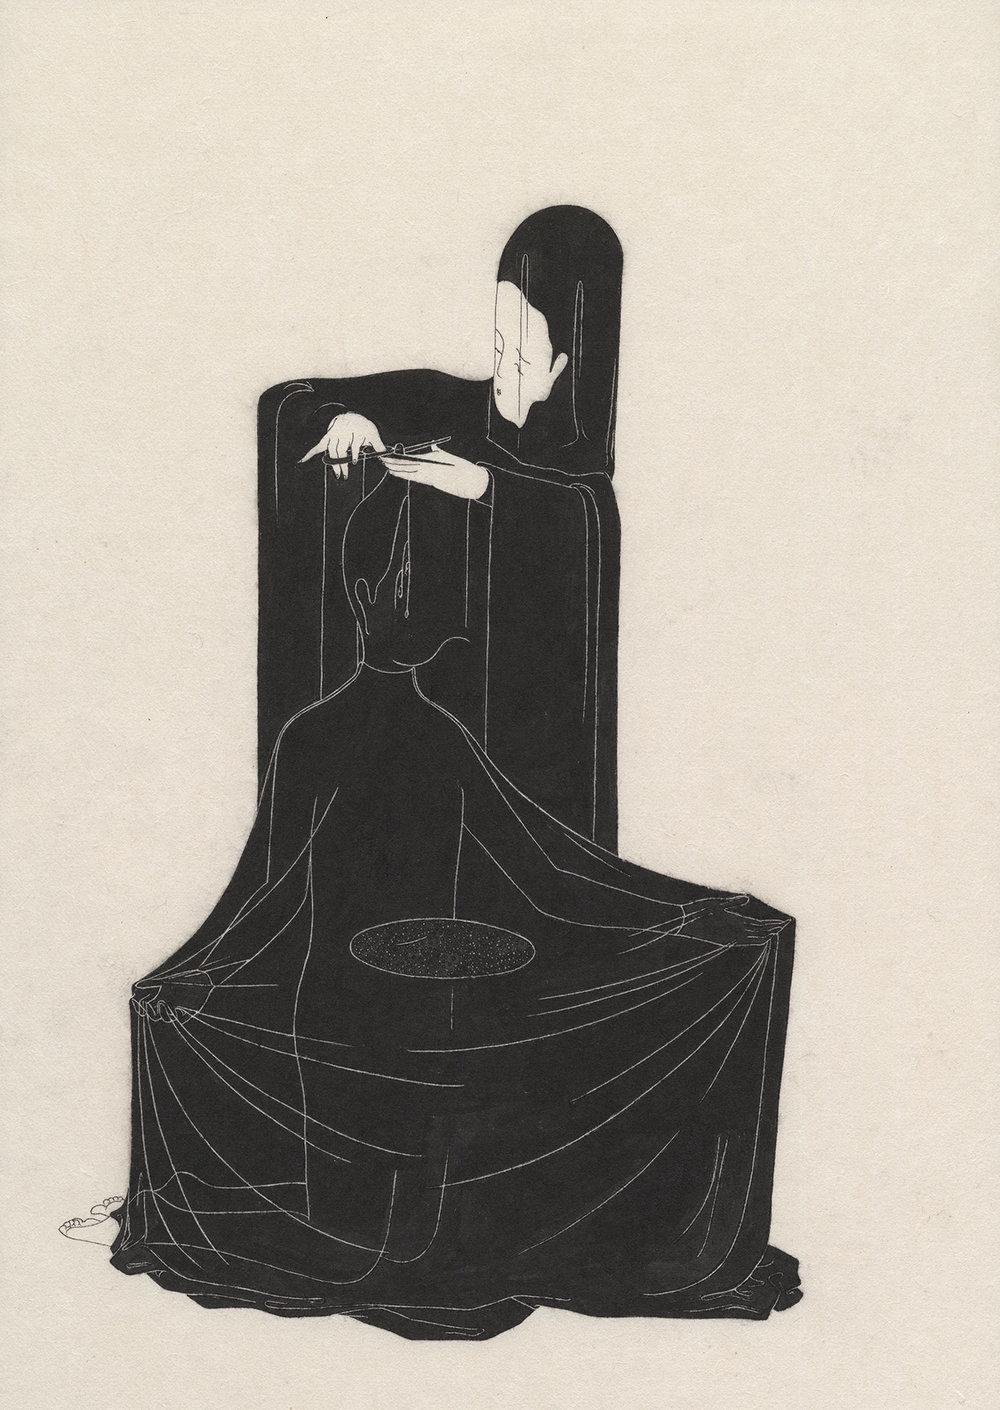 두절 / A barber Op.0091P -36 x 74 cm,한지에 먹 / Korean ink on Korean paper, 2014